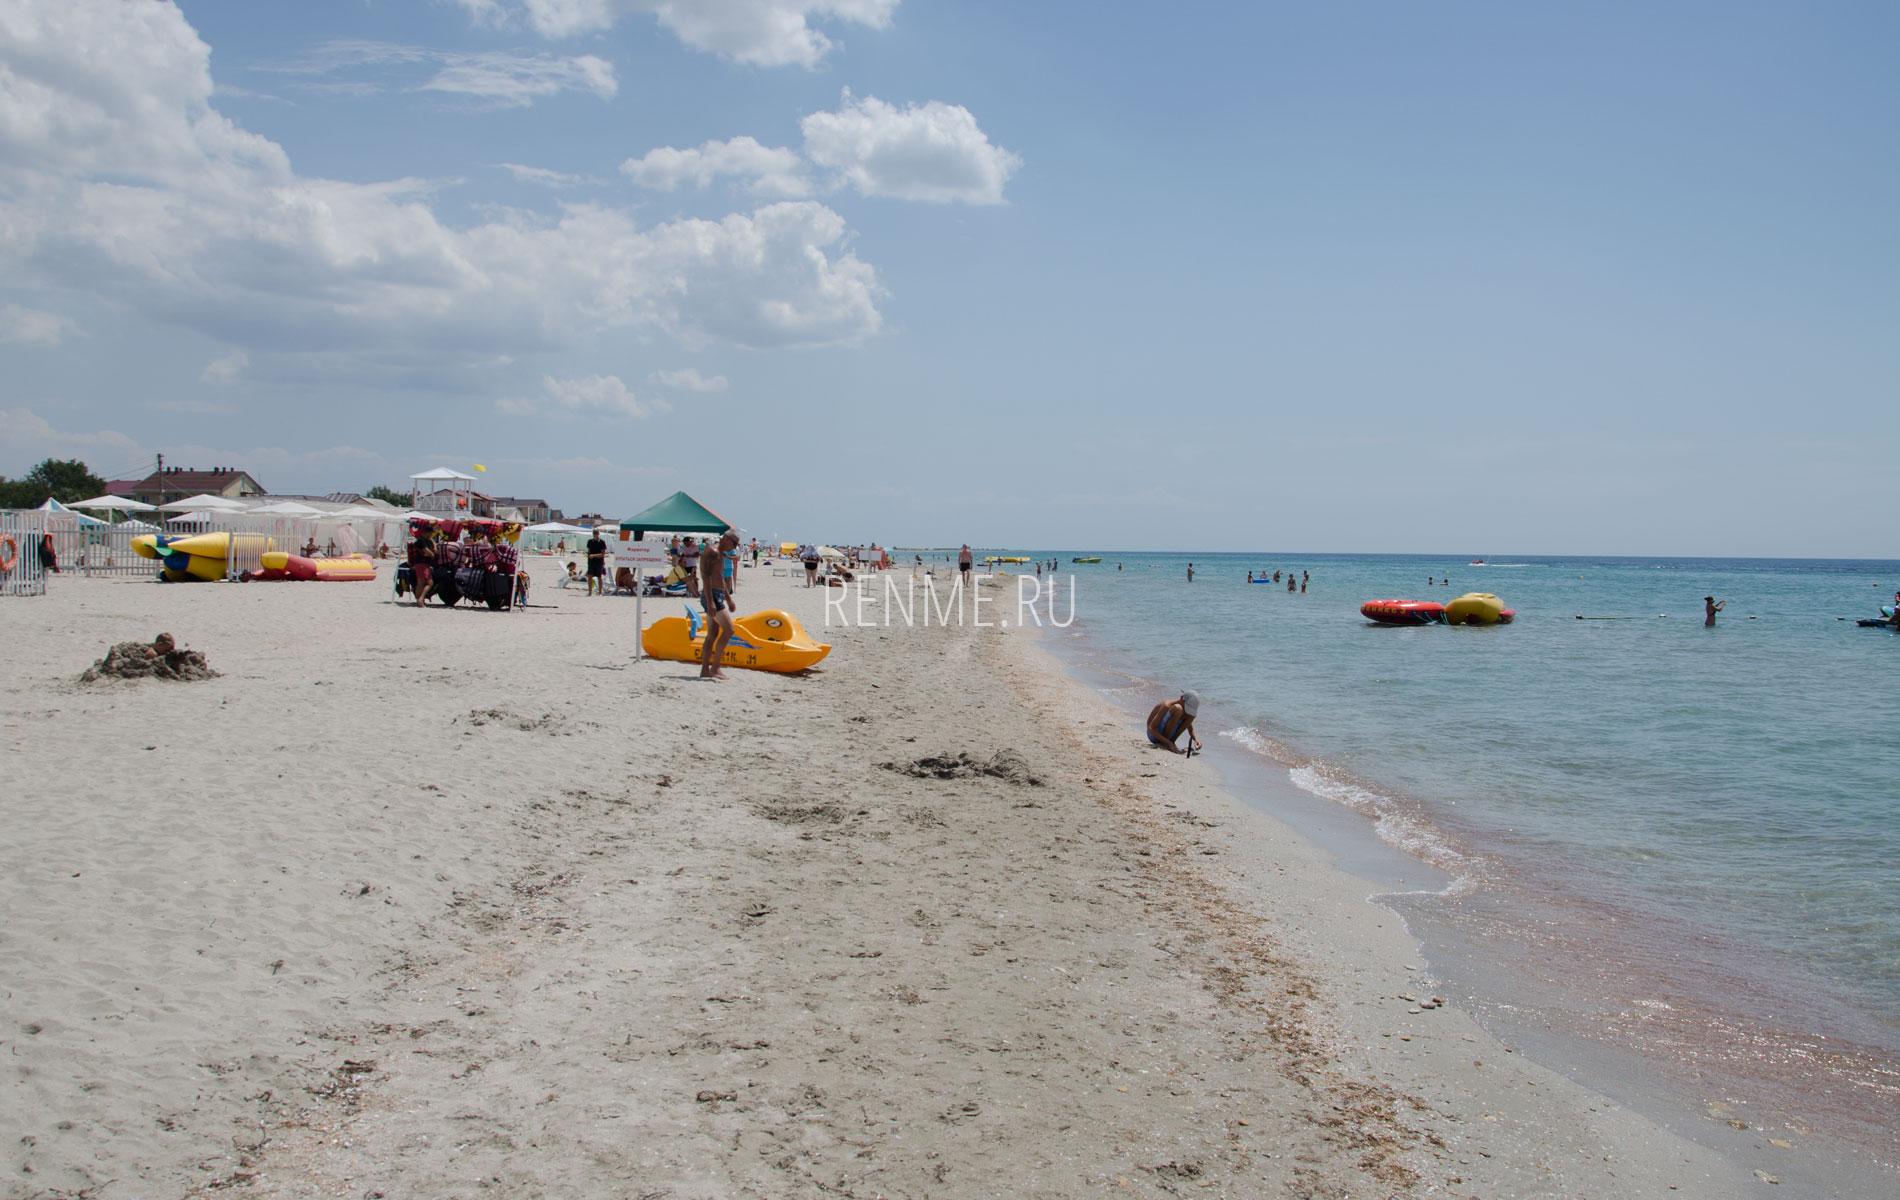 Пляж в Штормовое в Крыму: отзыв, фото. видео - Crimea-guru | 1200x1900